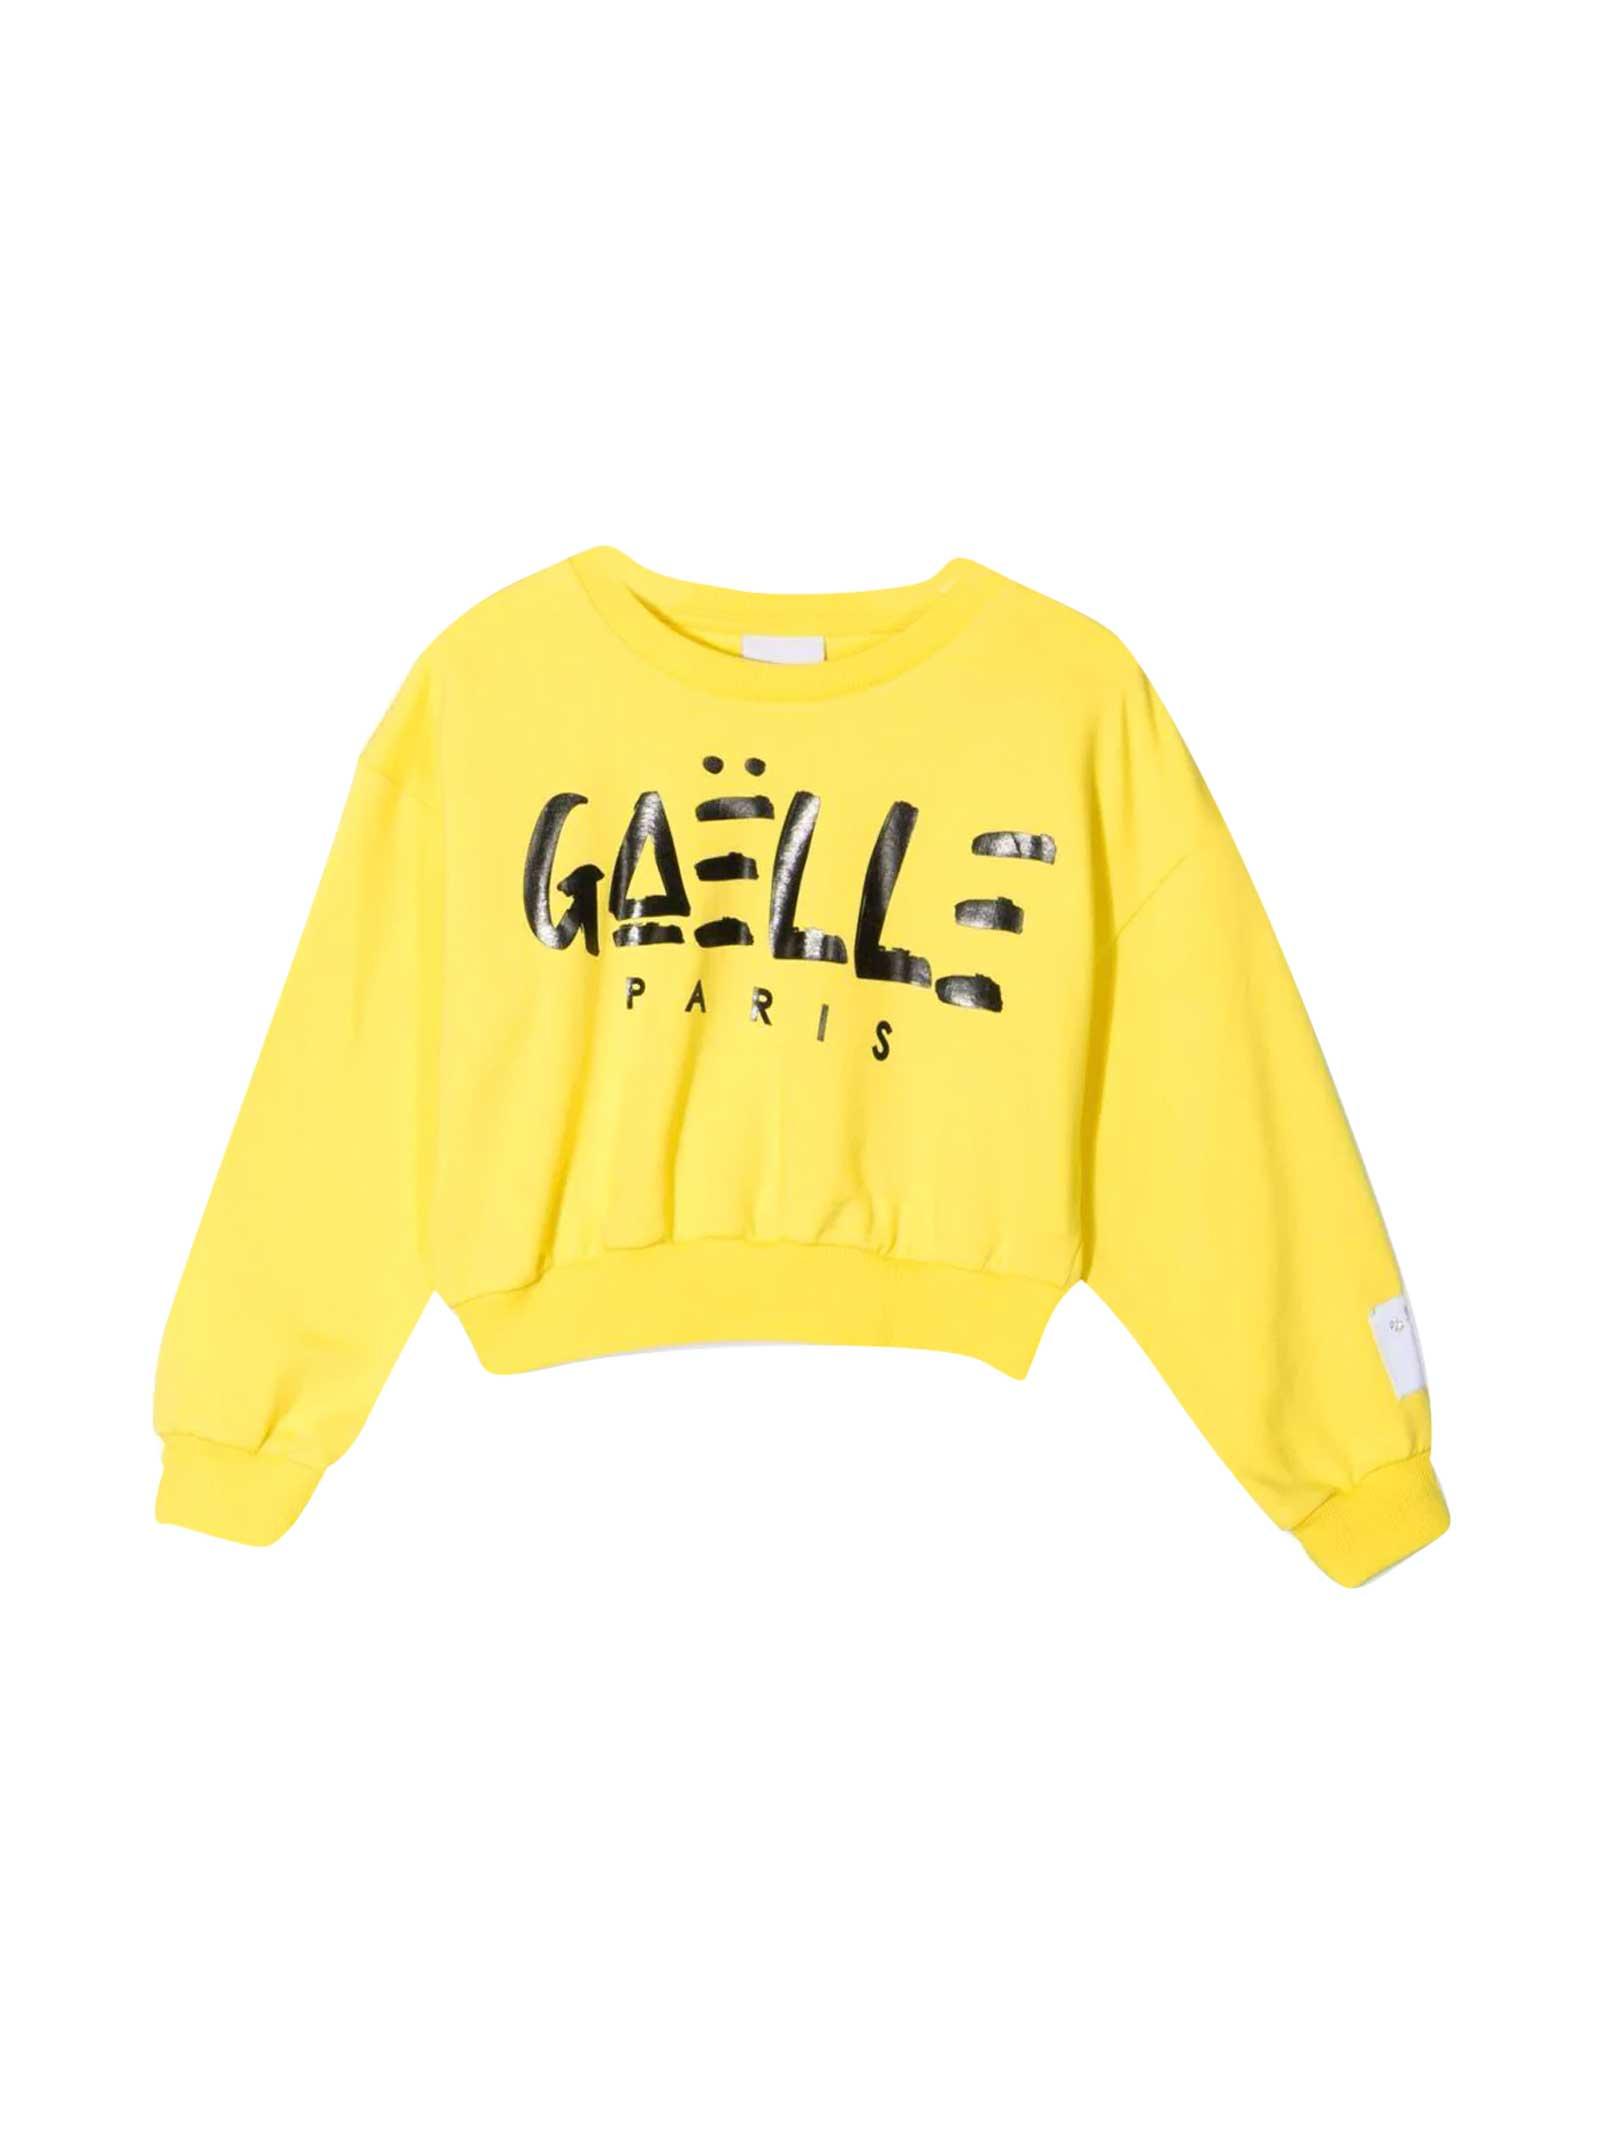 Asymmetrical Sweatshirt